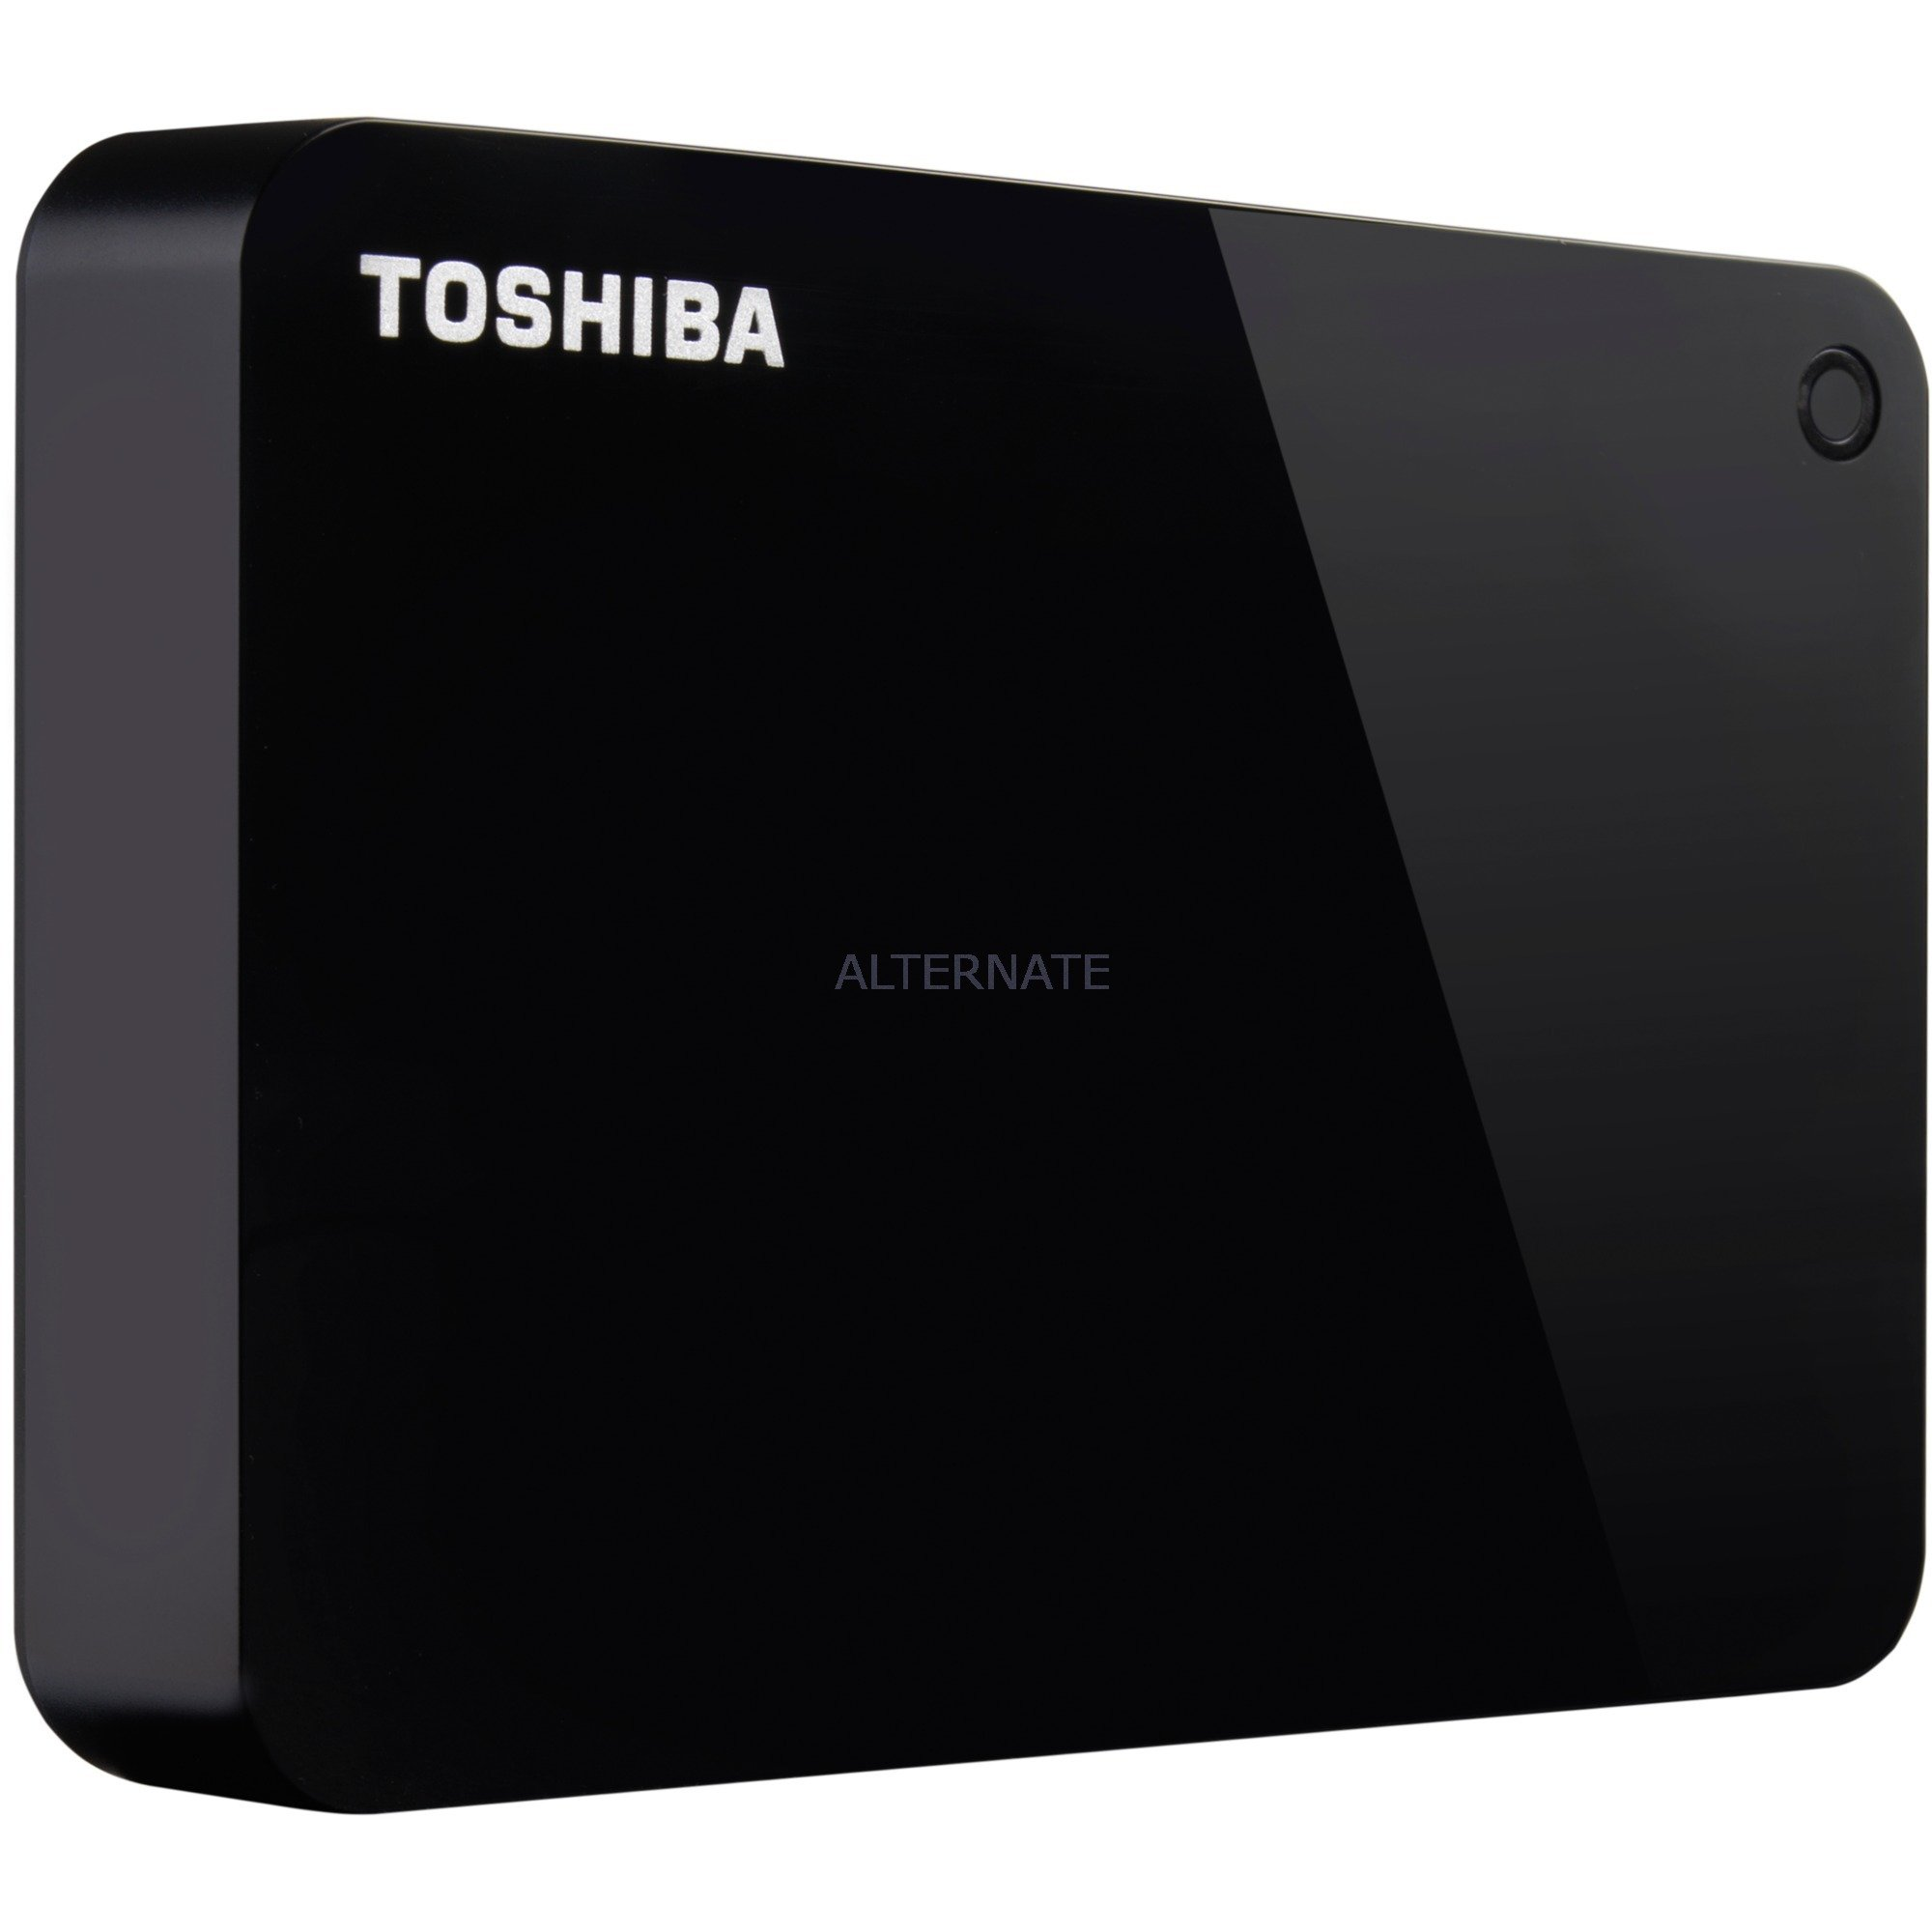 Canvio Advance disco duro externo 3000 GB Negro, Unidad de disco duro